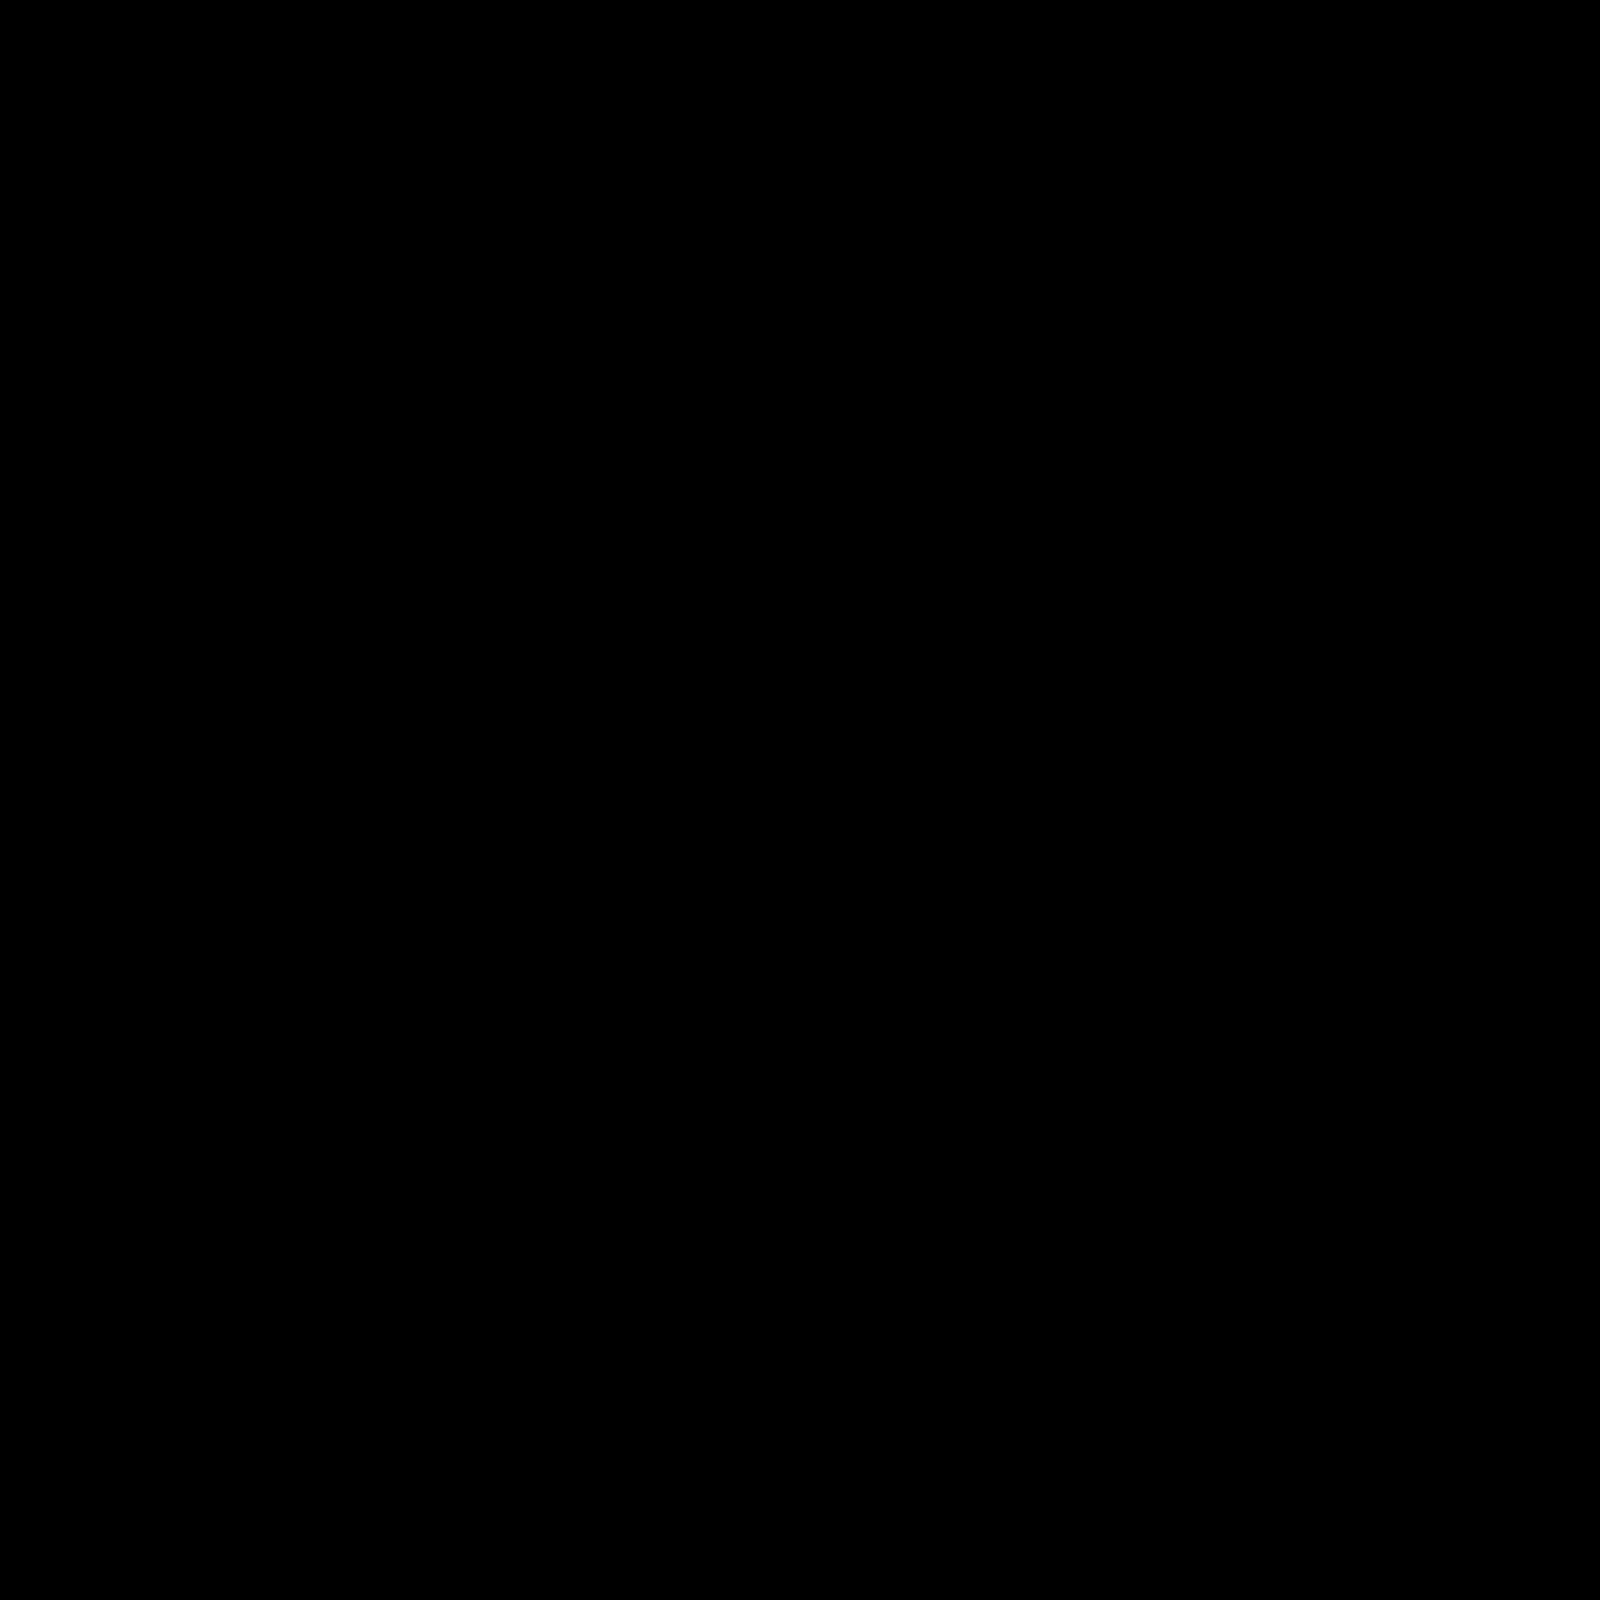 Wiele baterii icon